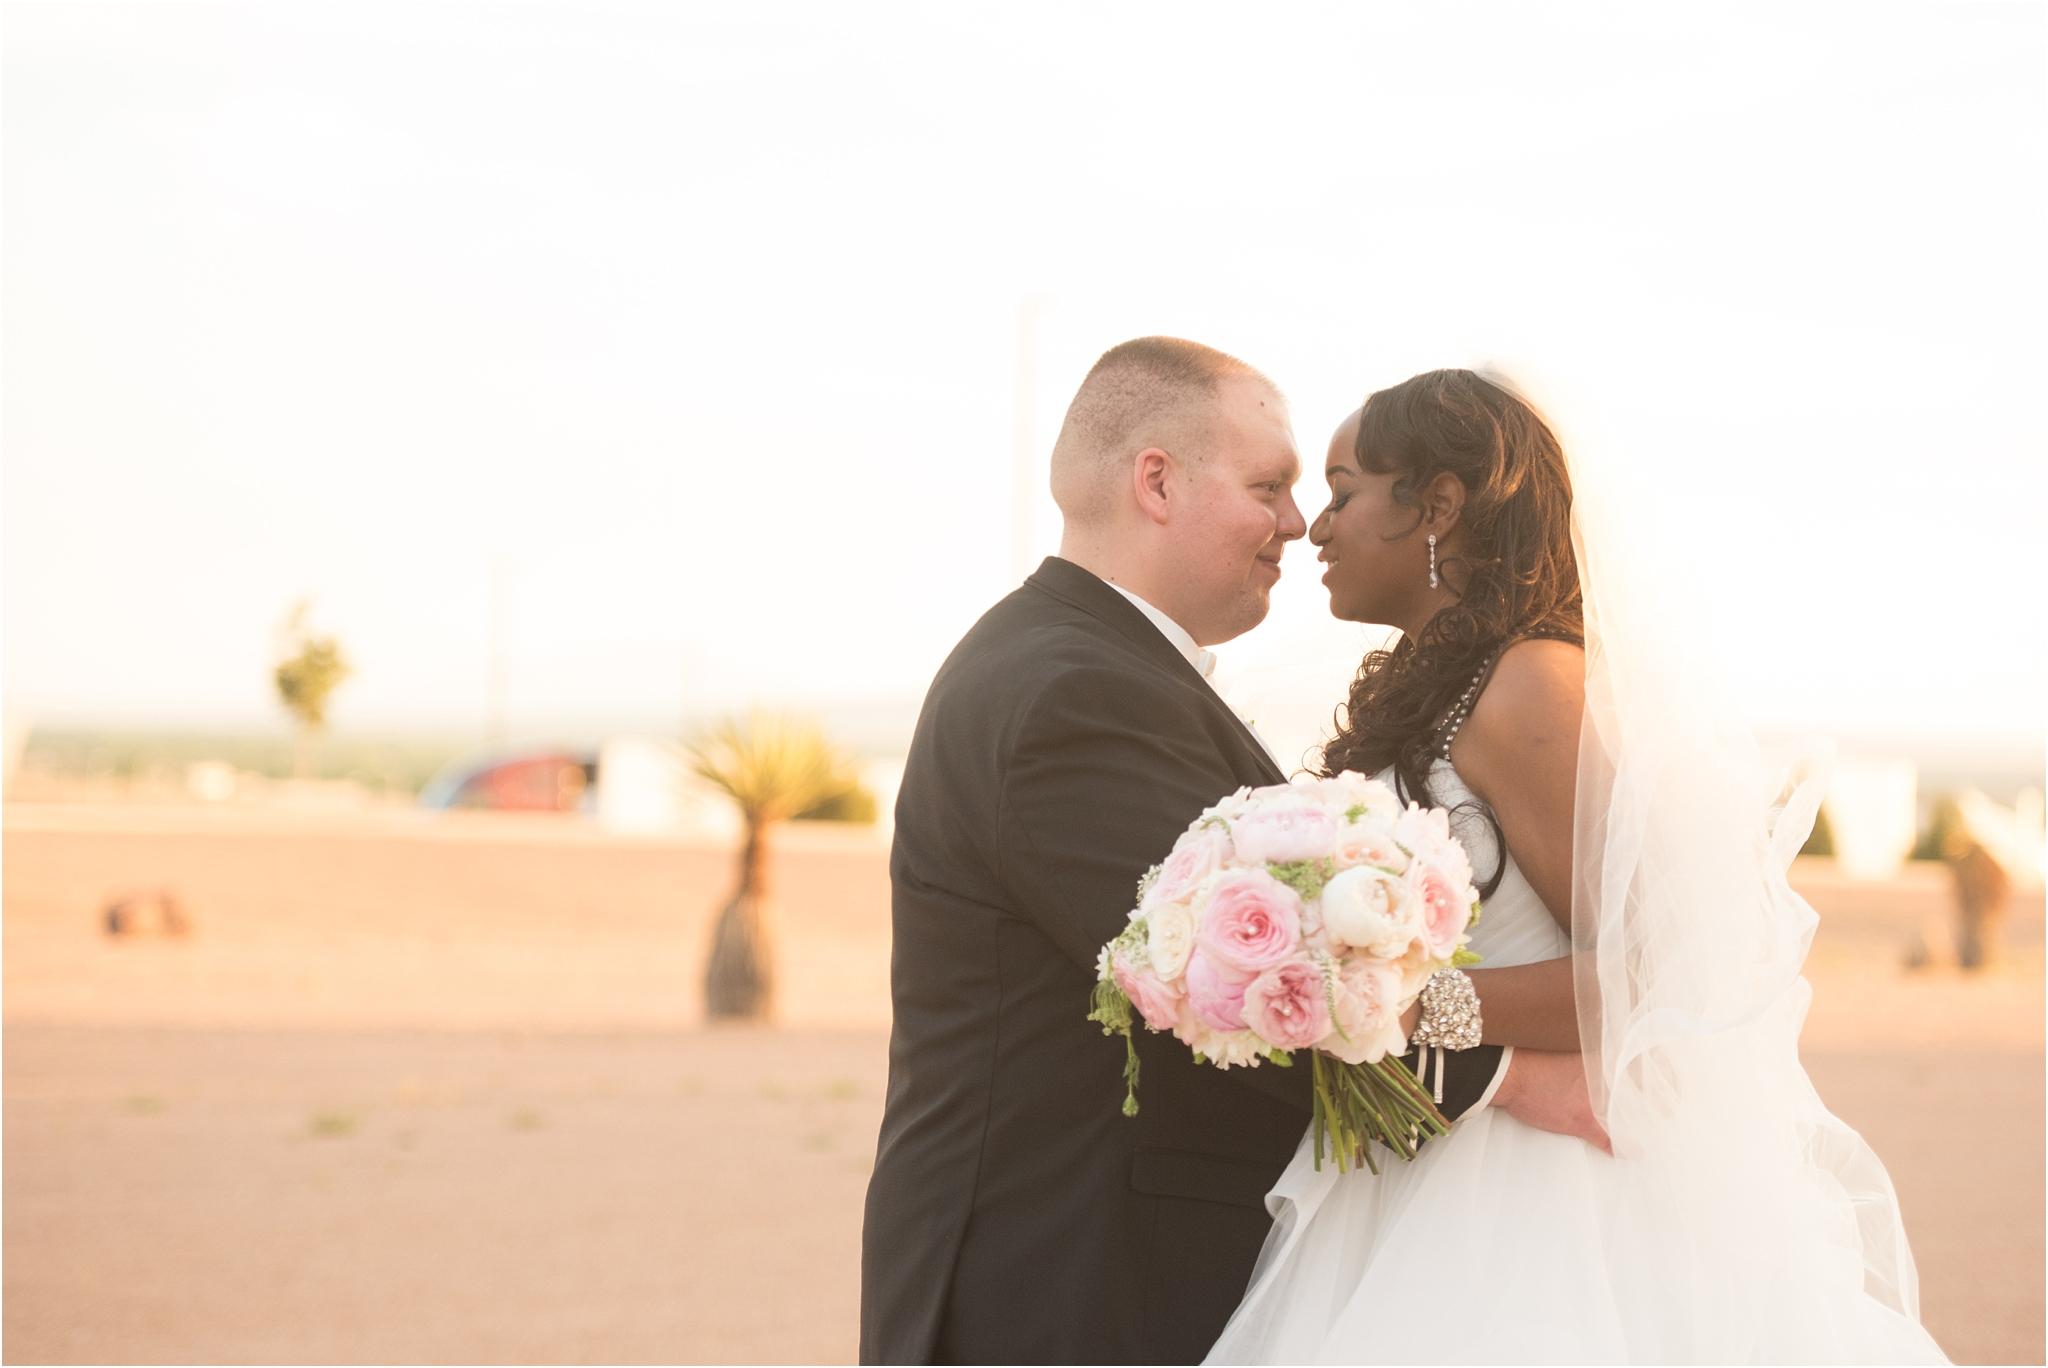 kayla kitts photography - albuquerque wedding photographer - isleta wedding_0028.jpg